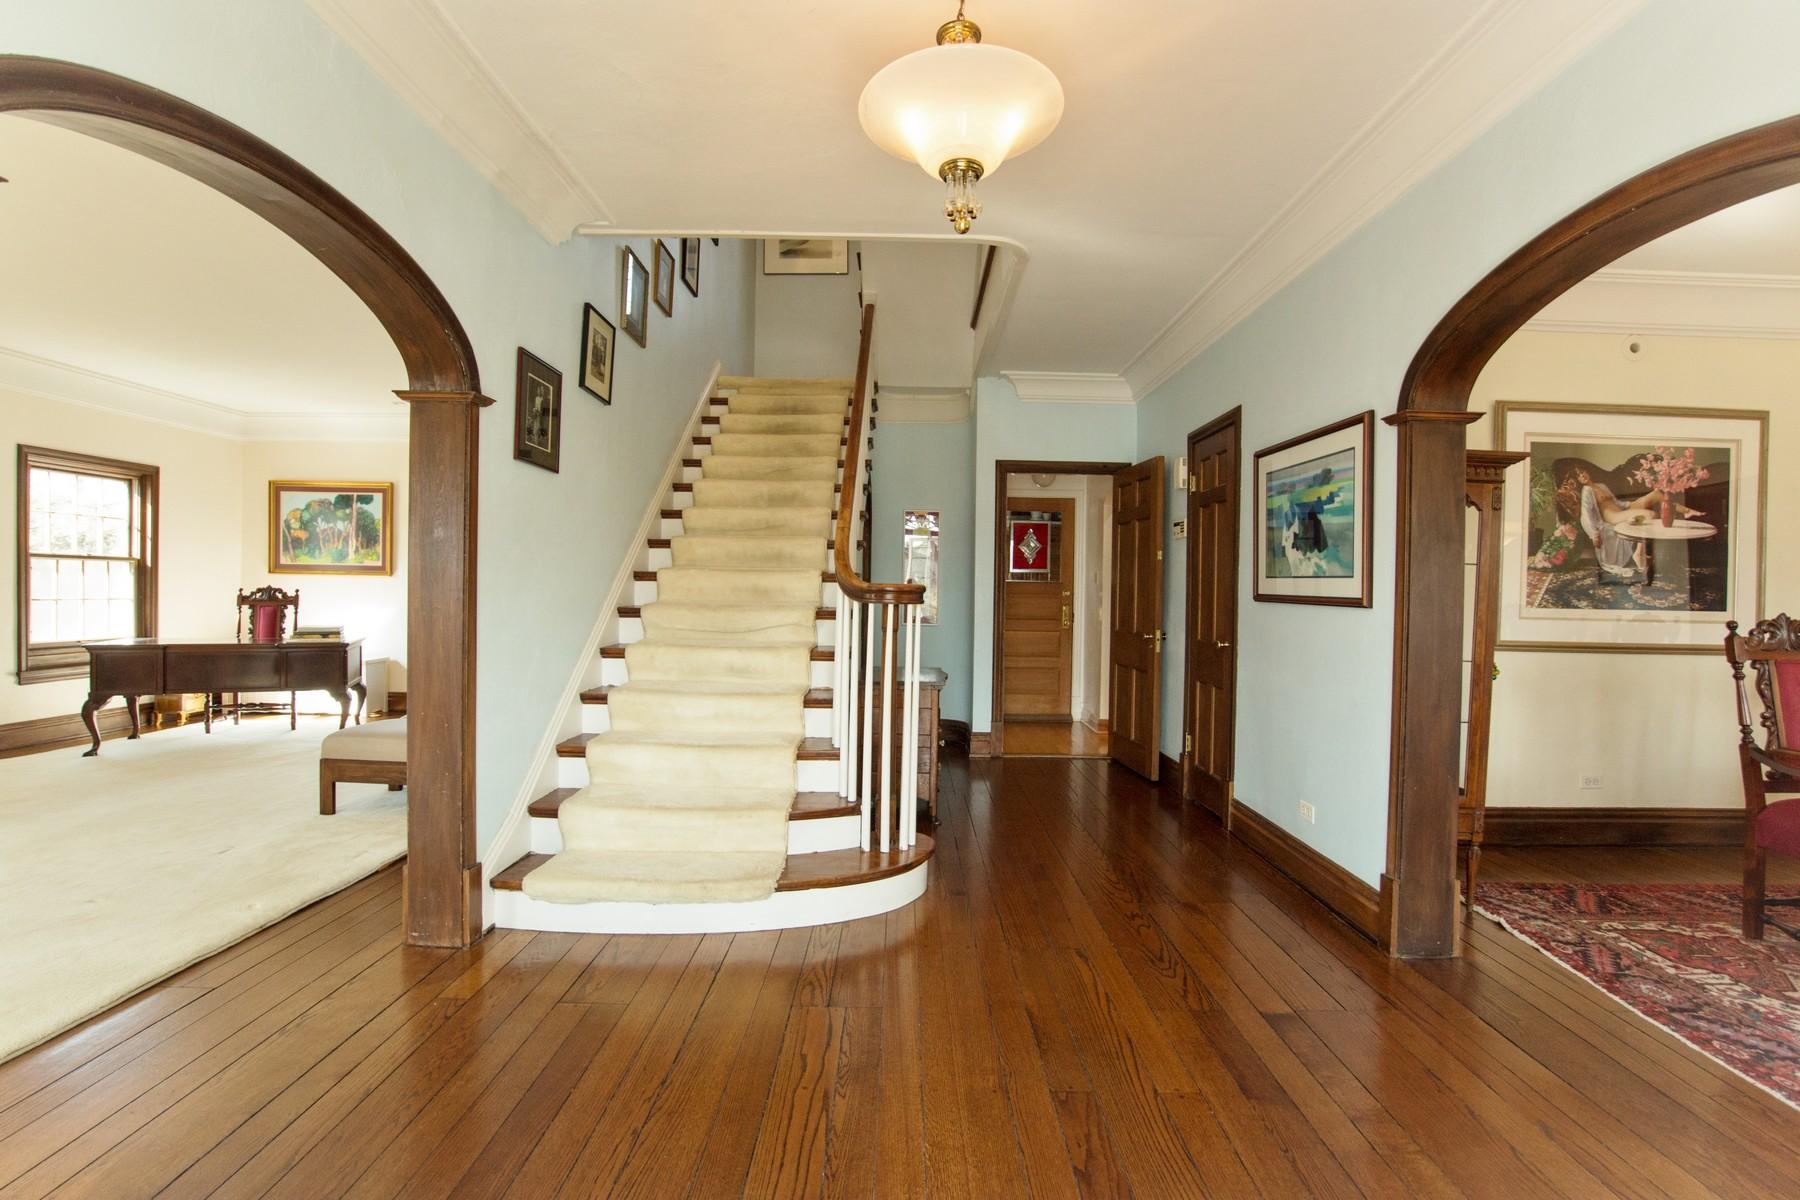 Villa per Vendita alle ore 644 S. County Line Road, Hinsdale Hinsdale, Illinois, 60521 Stati Uniti